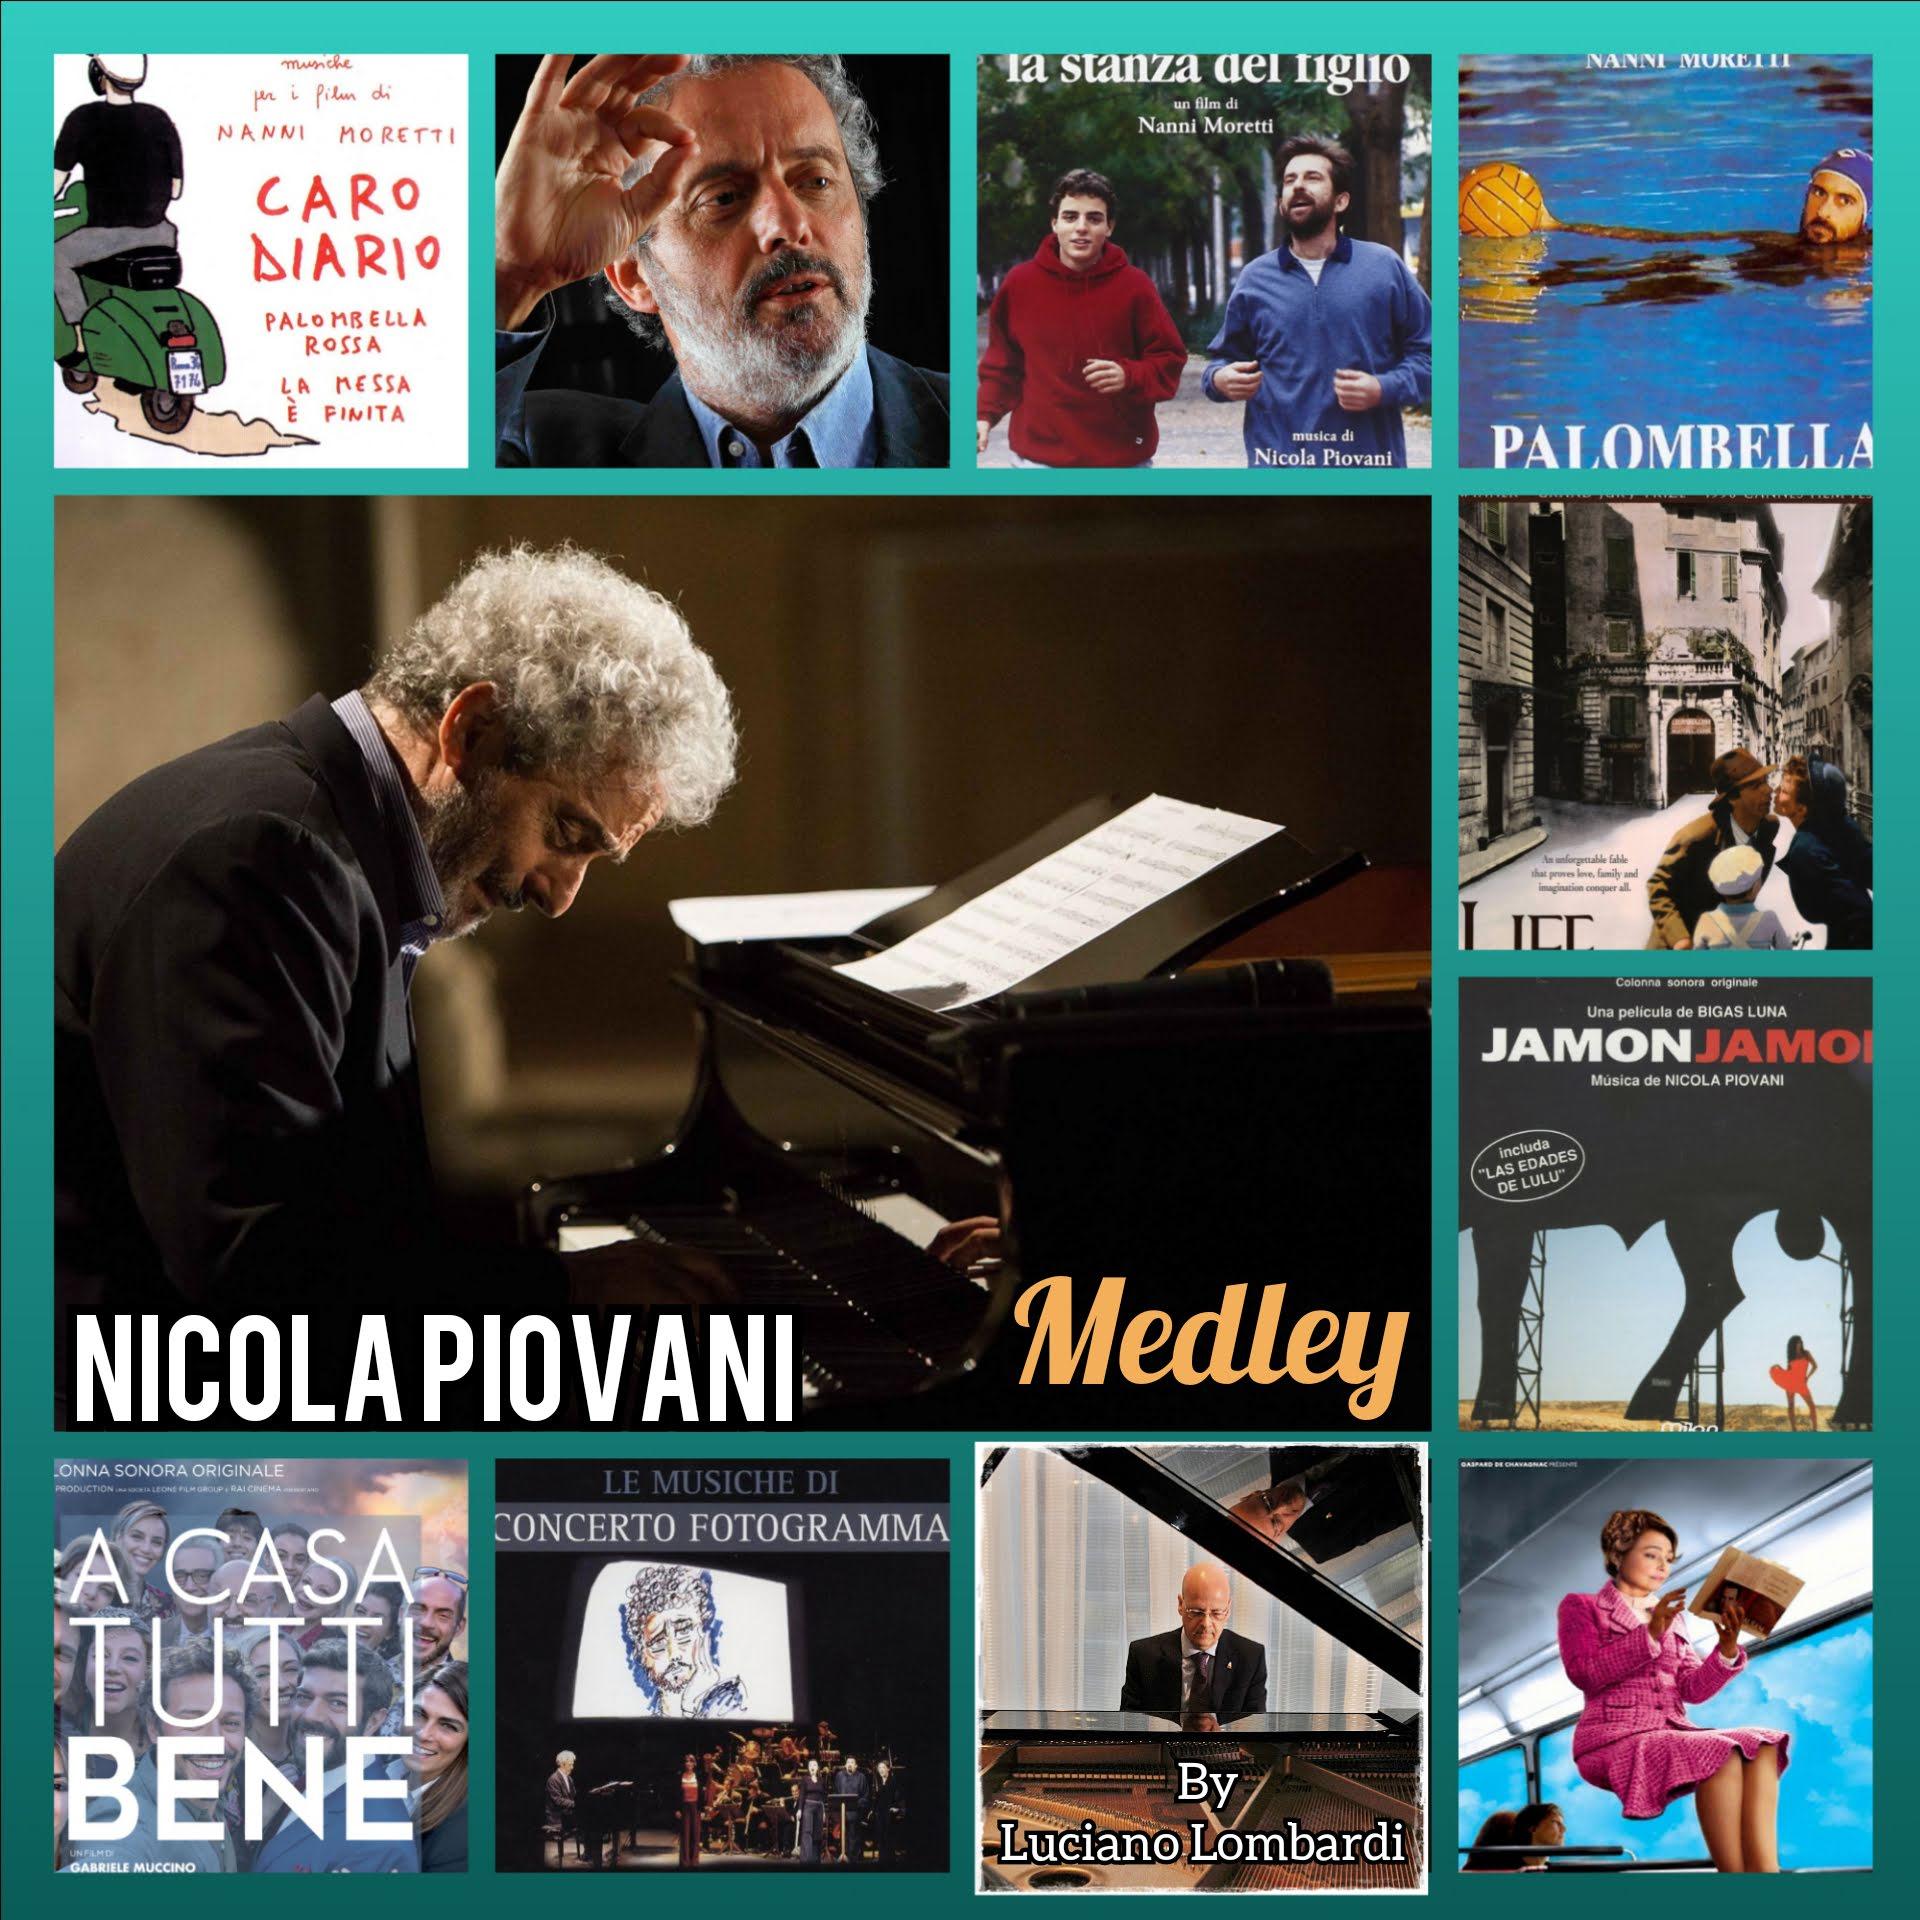 Maestro Nicola Piovani a Toronto. Medley collage